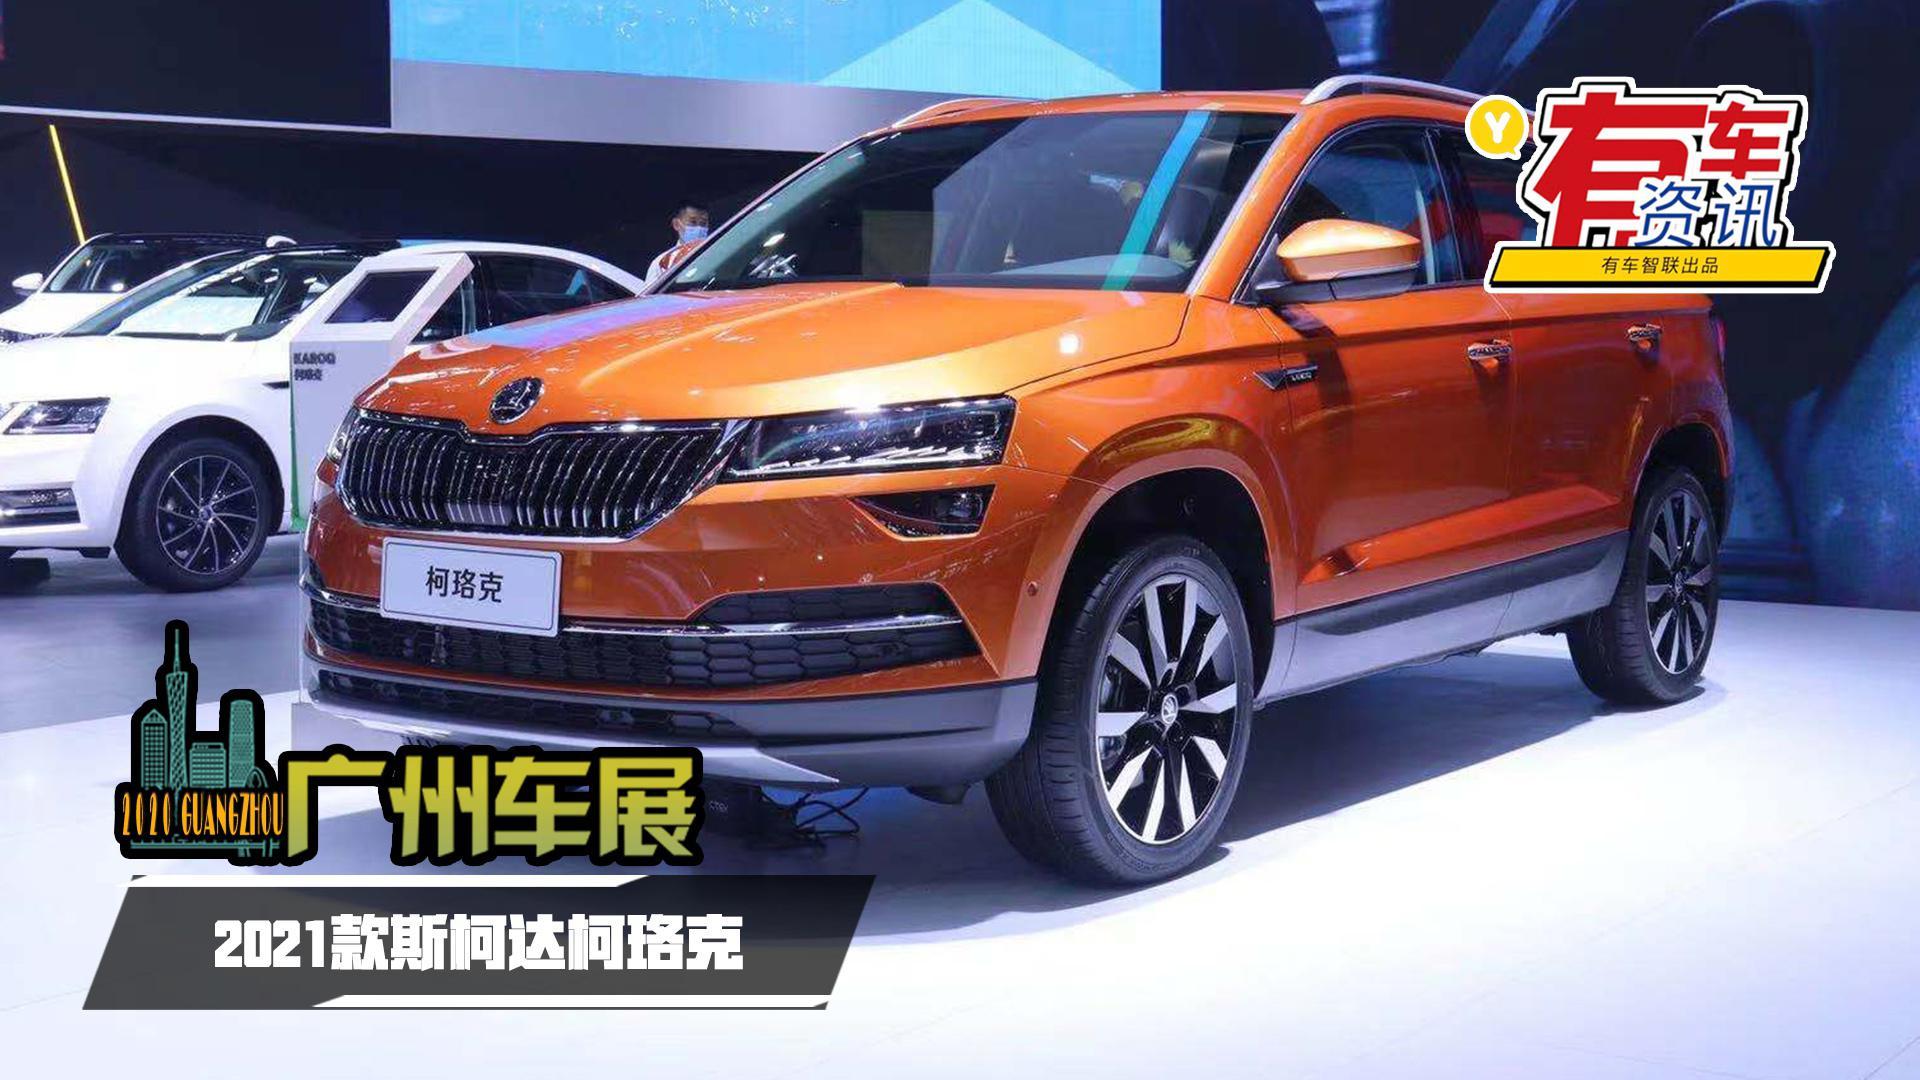 视频:2020广州车展丨配置升级 新款斯柯达柯珞克上市售12.99万起